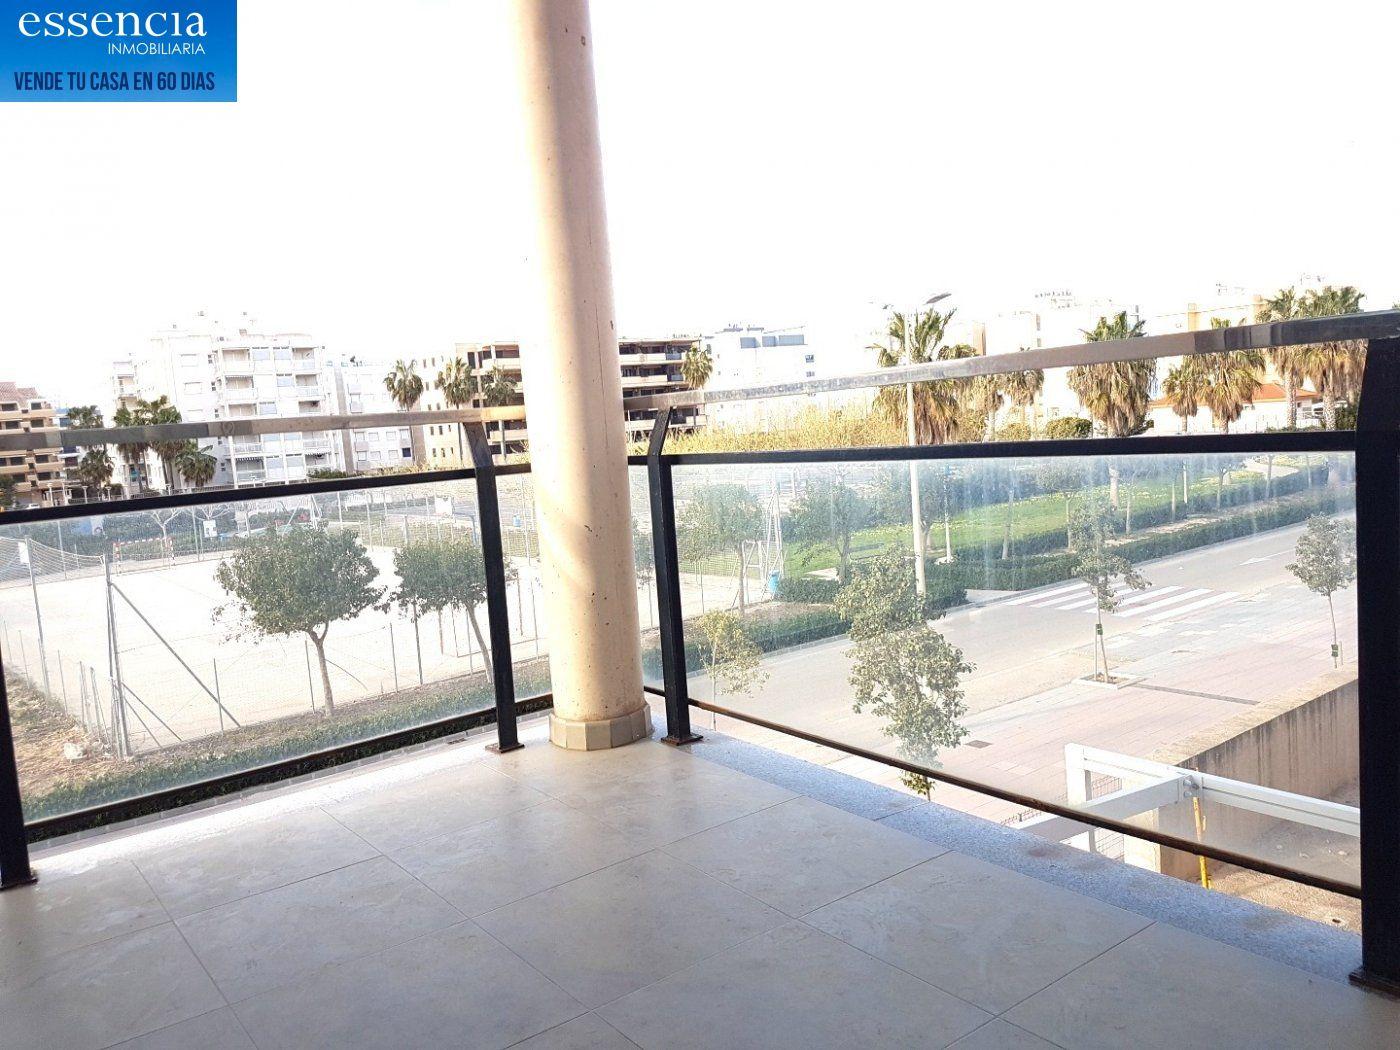 Apartamento con vistas al mar en playa de bellreguard.  garaje y piscina. - imagenInmueble1